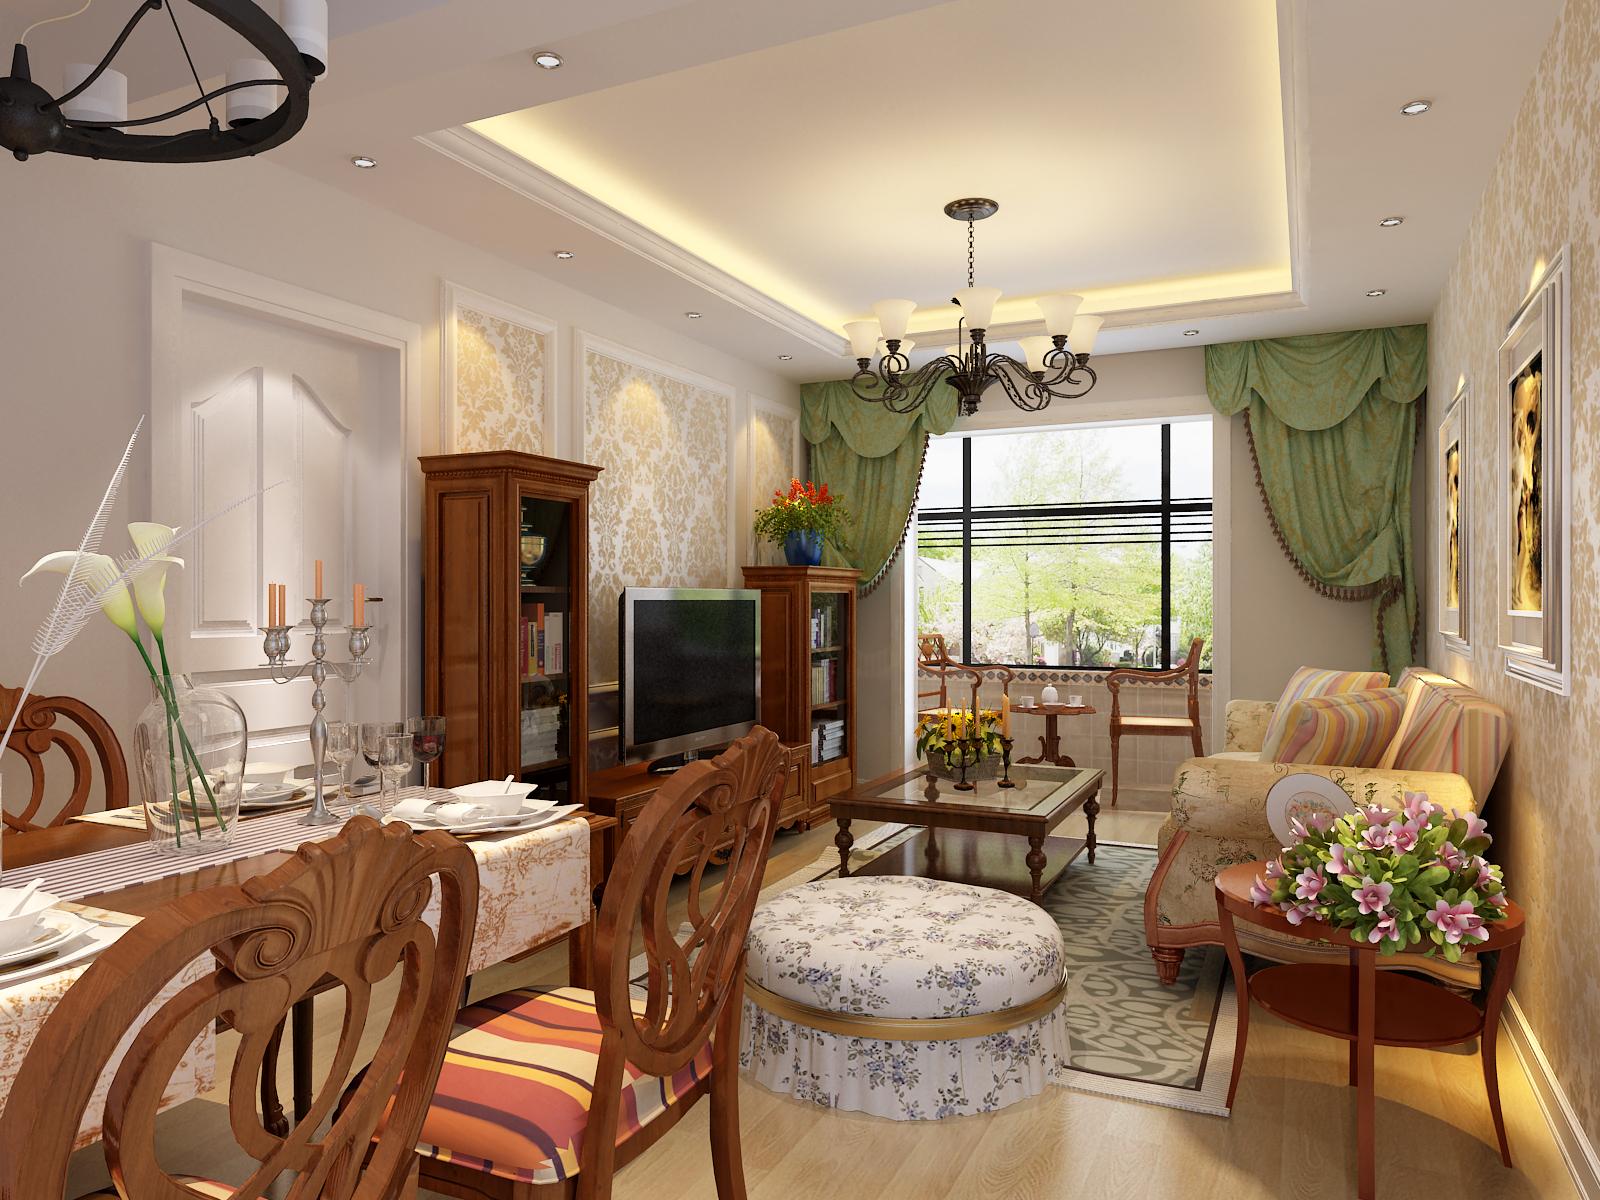 家居装饰 性价比高 实景材料展 新房装修 客厅图片来自天津实创装饰集团l在奕聪花园98平现代简欧精美案例的分享